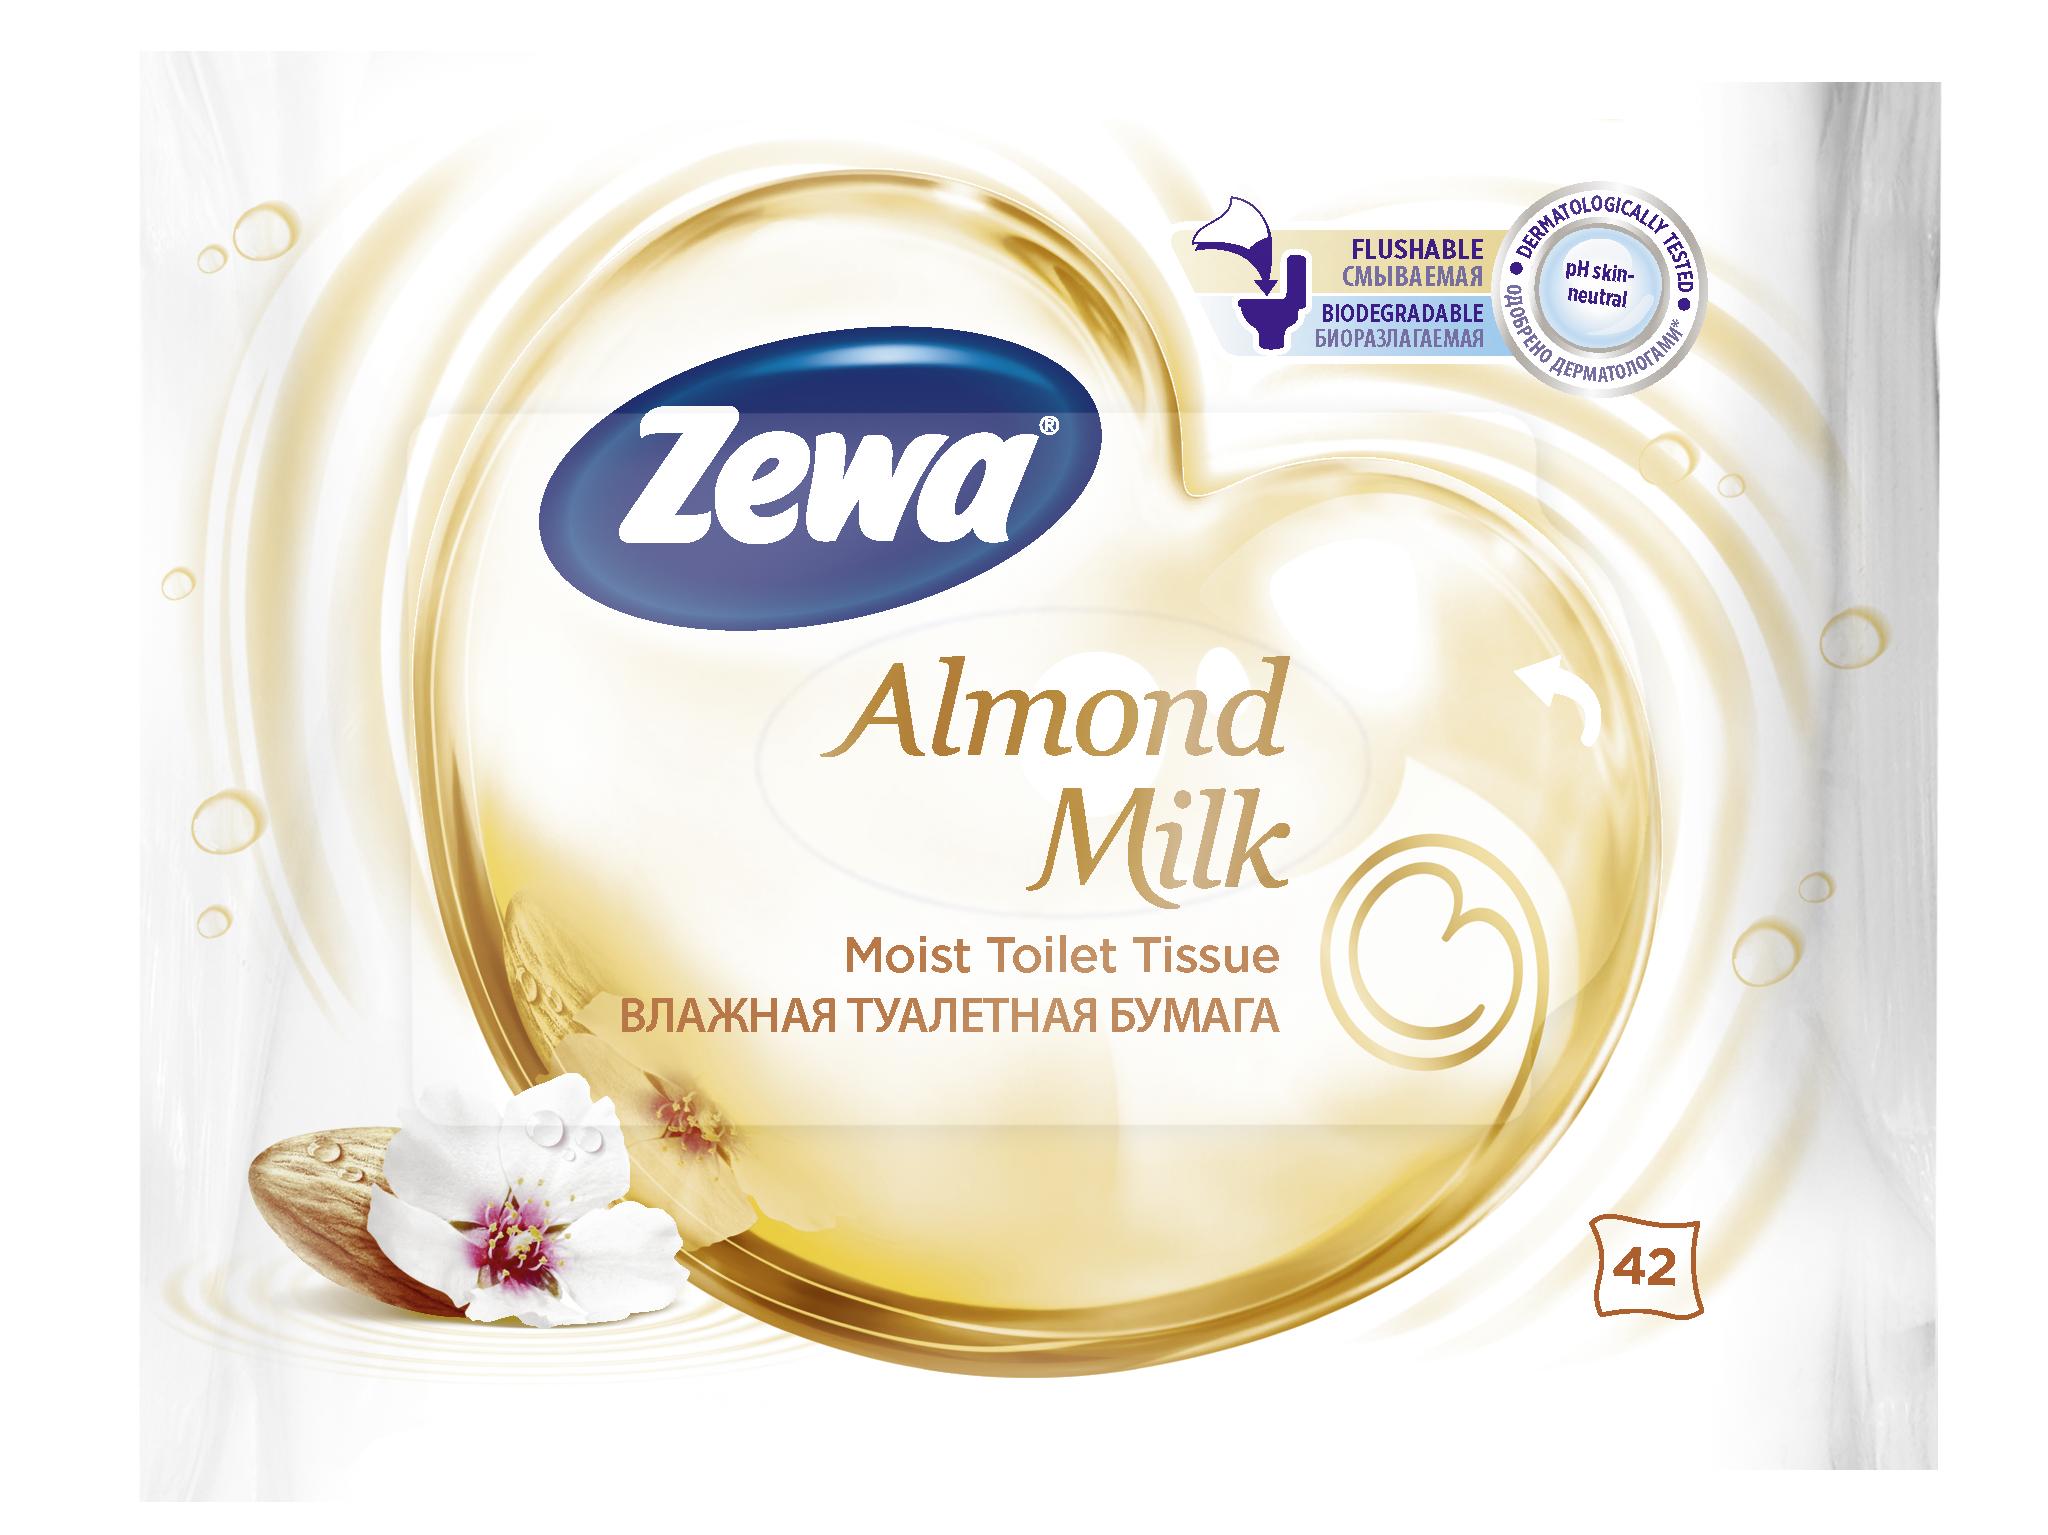 A hozzá illő Almond Milk nedves toalettpapírral együtt tökéletes párost alkotnak.<br /><br />